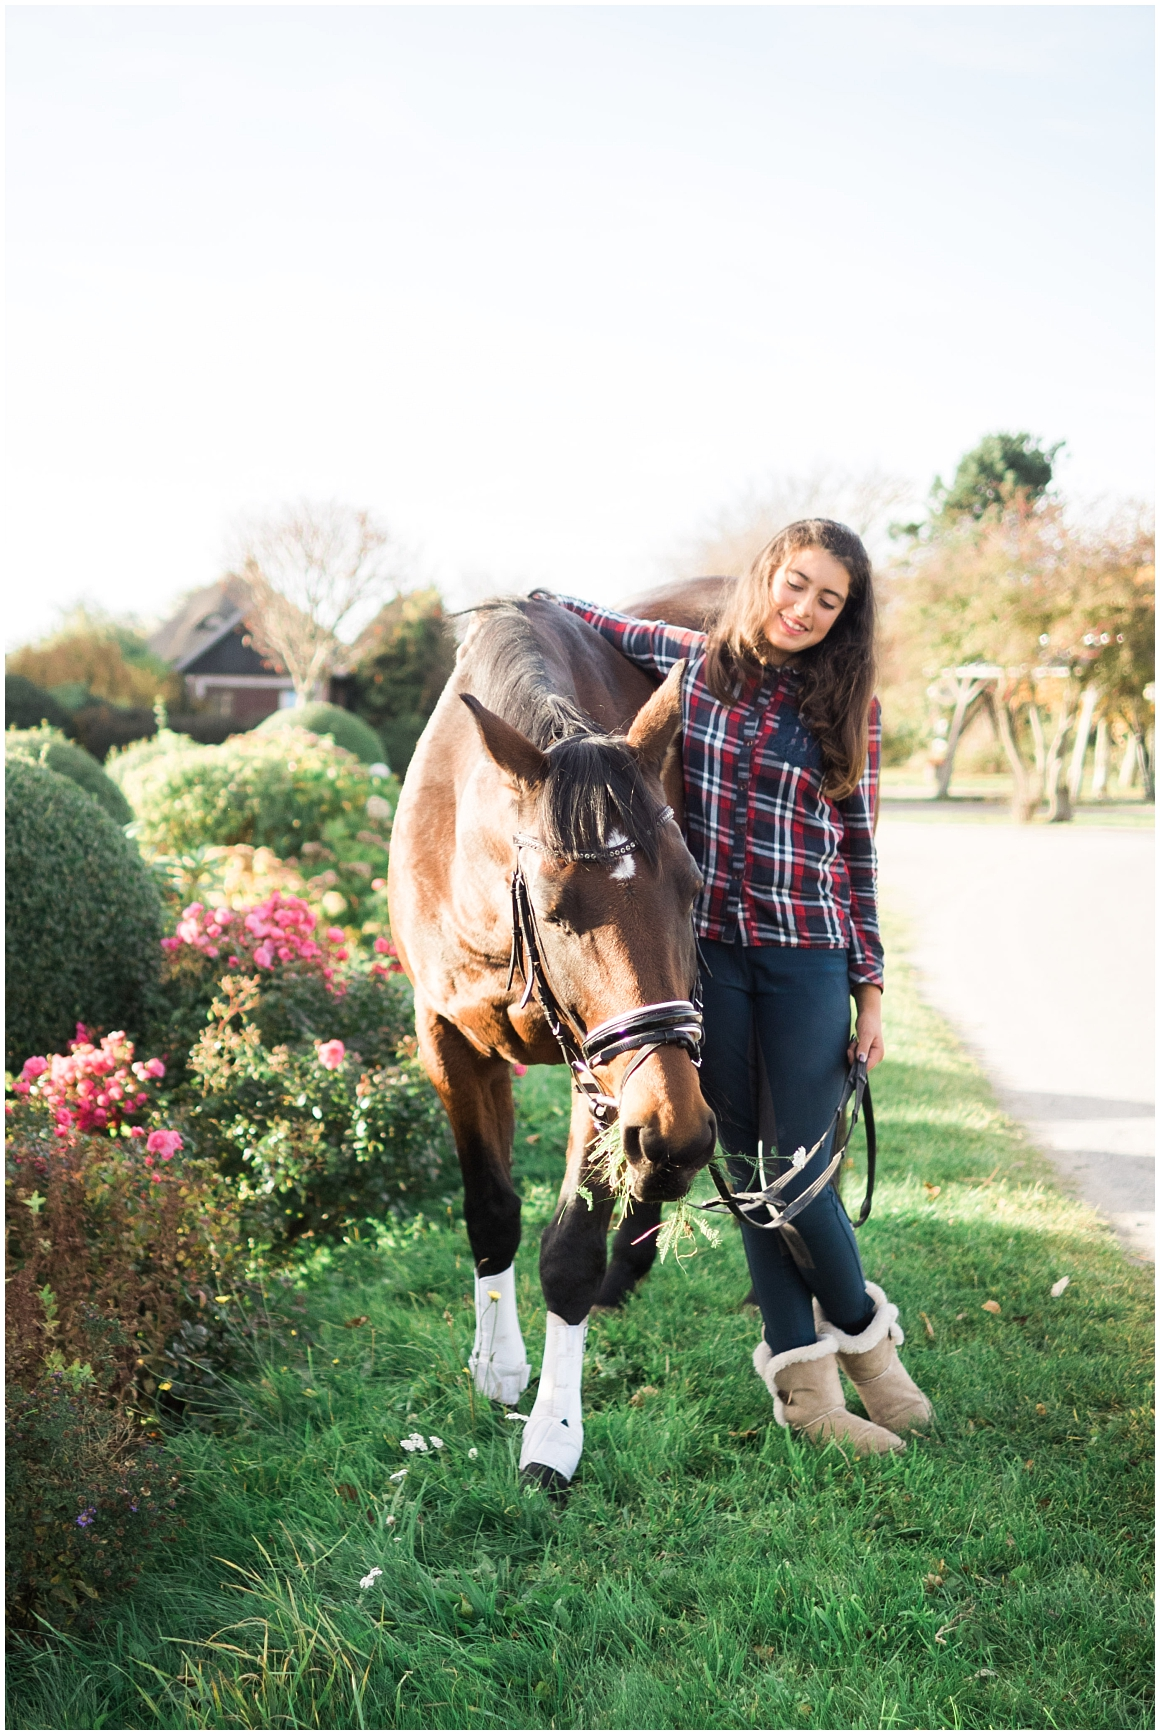 pferdefotograf-pferdeportrait-fotoshooting-mit-pferd-münchen-rosenheim-by-katrin-kind-photography_0016.jpg